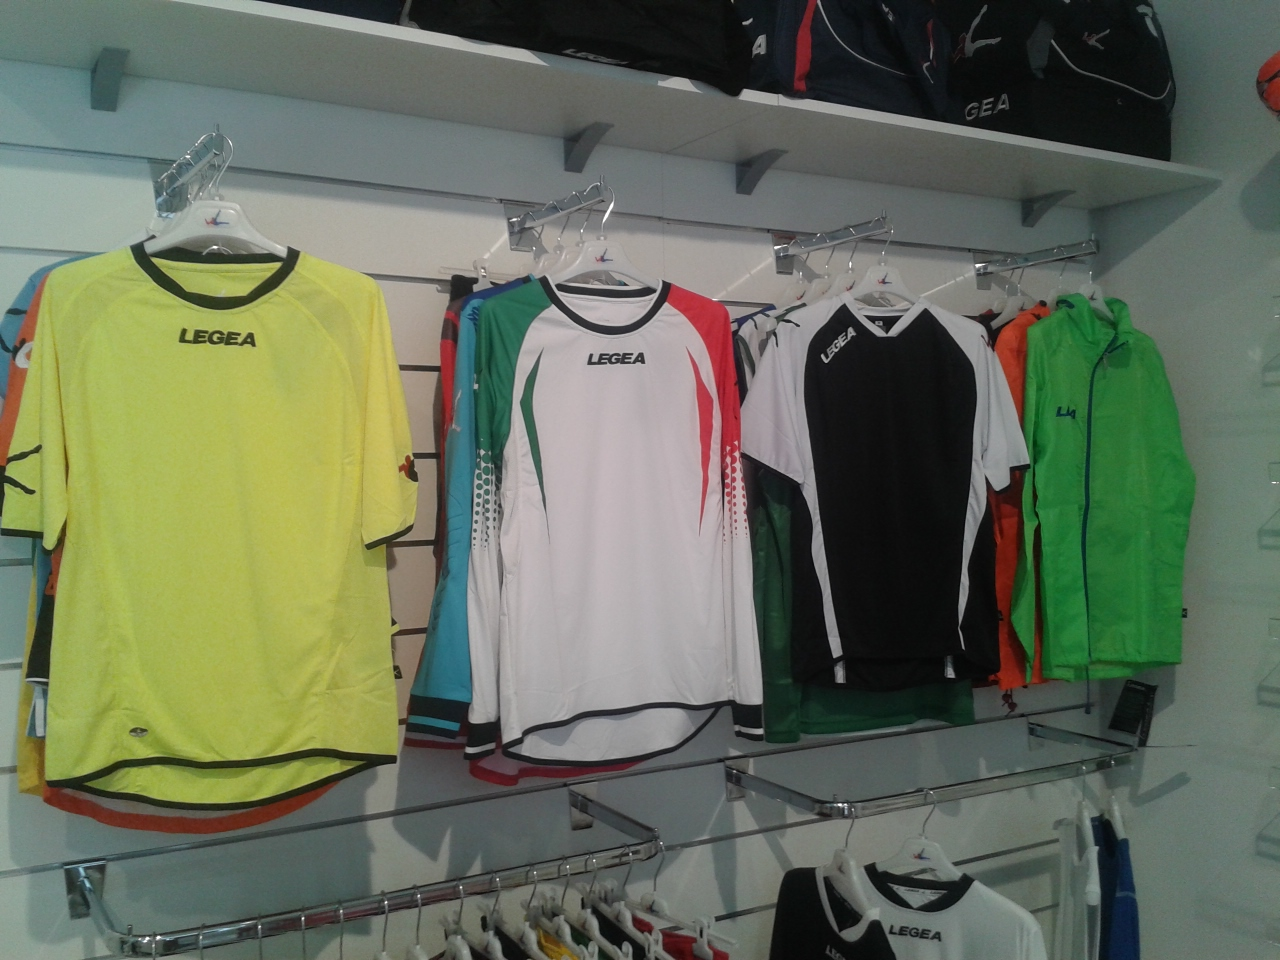 Apre un nuovo negozio di articoli sportivi in centro a Viareggio